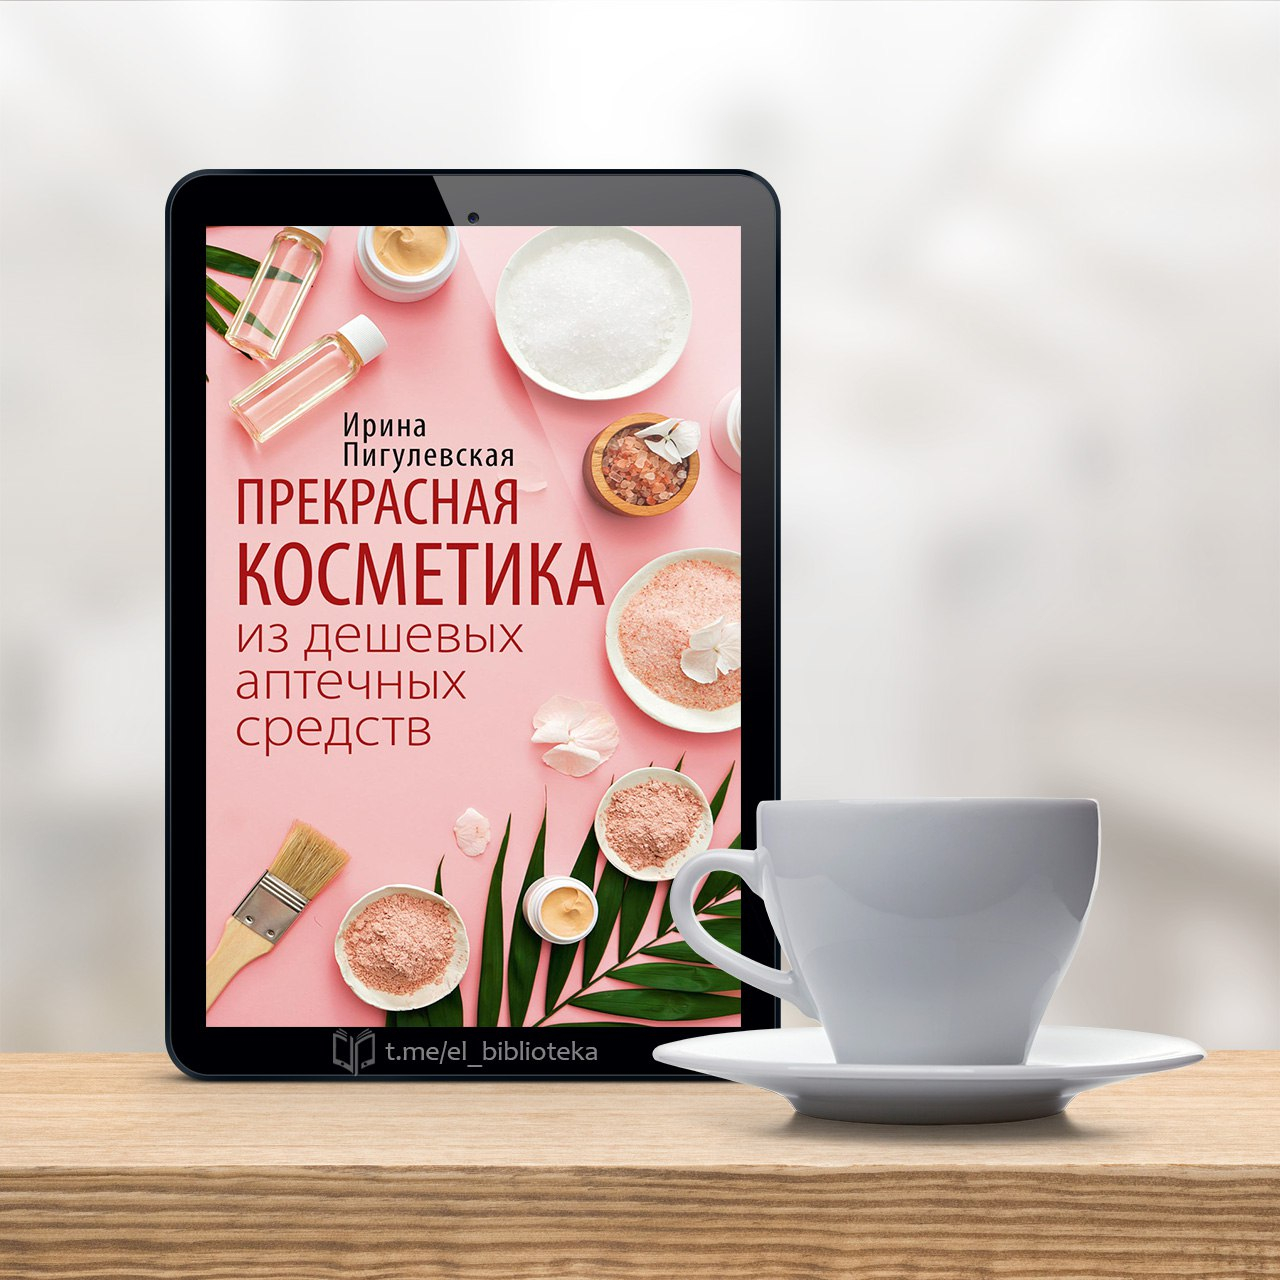  Прекрасная косметика из дешевых аптечных средств  Автор:  Пигулевская_Ирина...